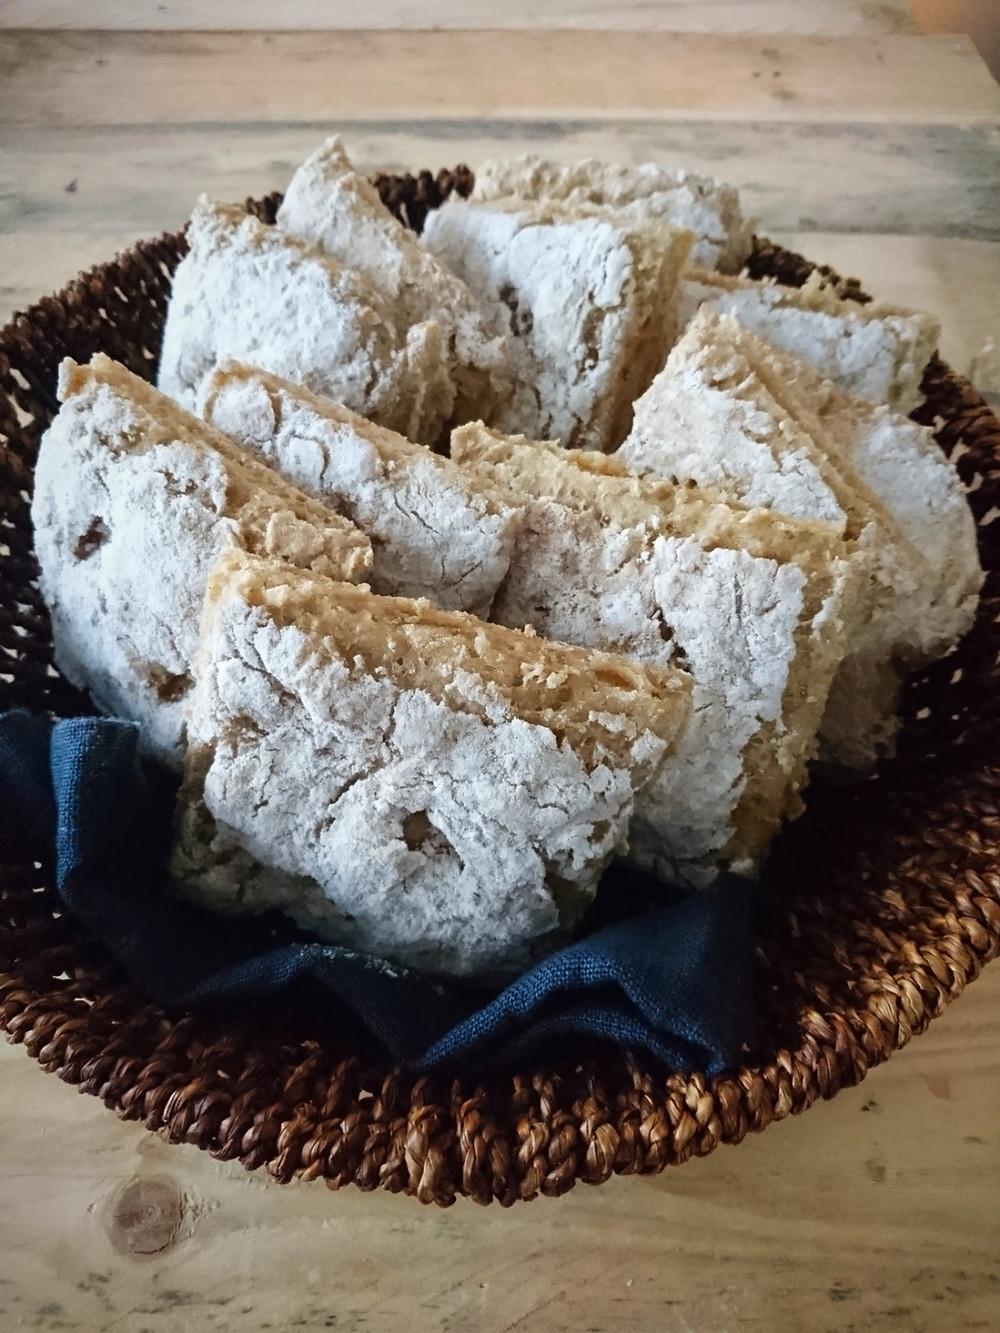 Anna leivän jäähtyä huoneenlämpöiseksi ja leikkaa tai taita leipäpalat tarjolle. Gluteeniton kauraleipäsopii FODMAP--ruokavalioon. Herkän vatsan leipä koko perheelle.